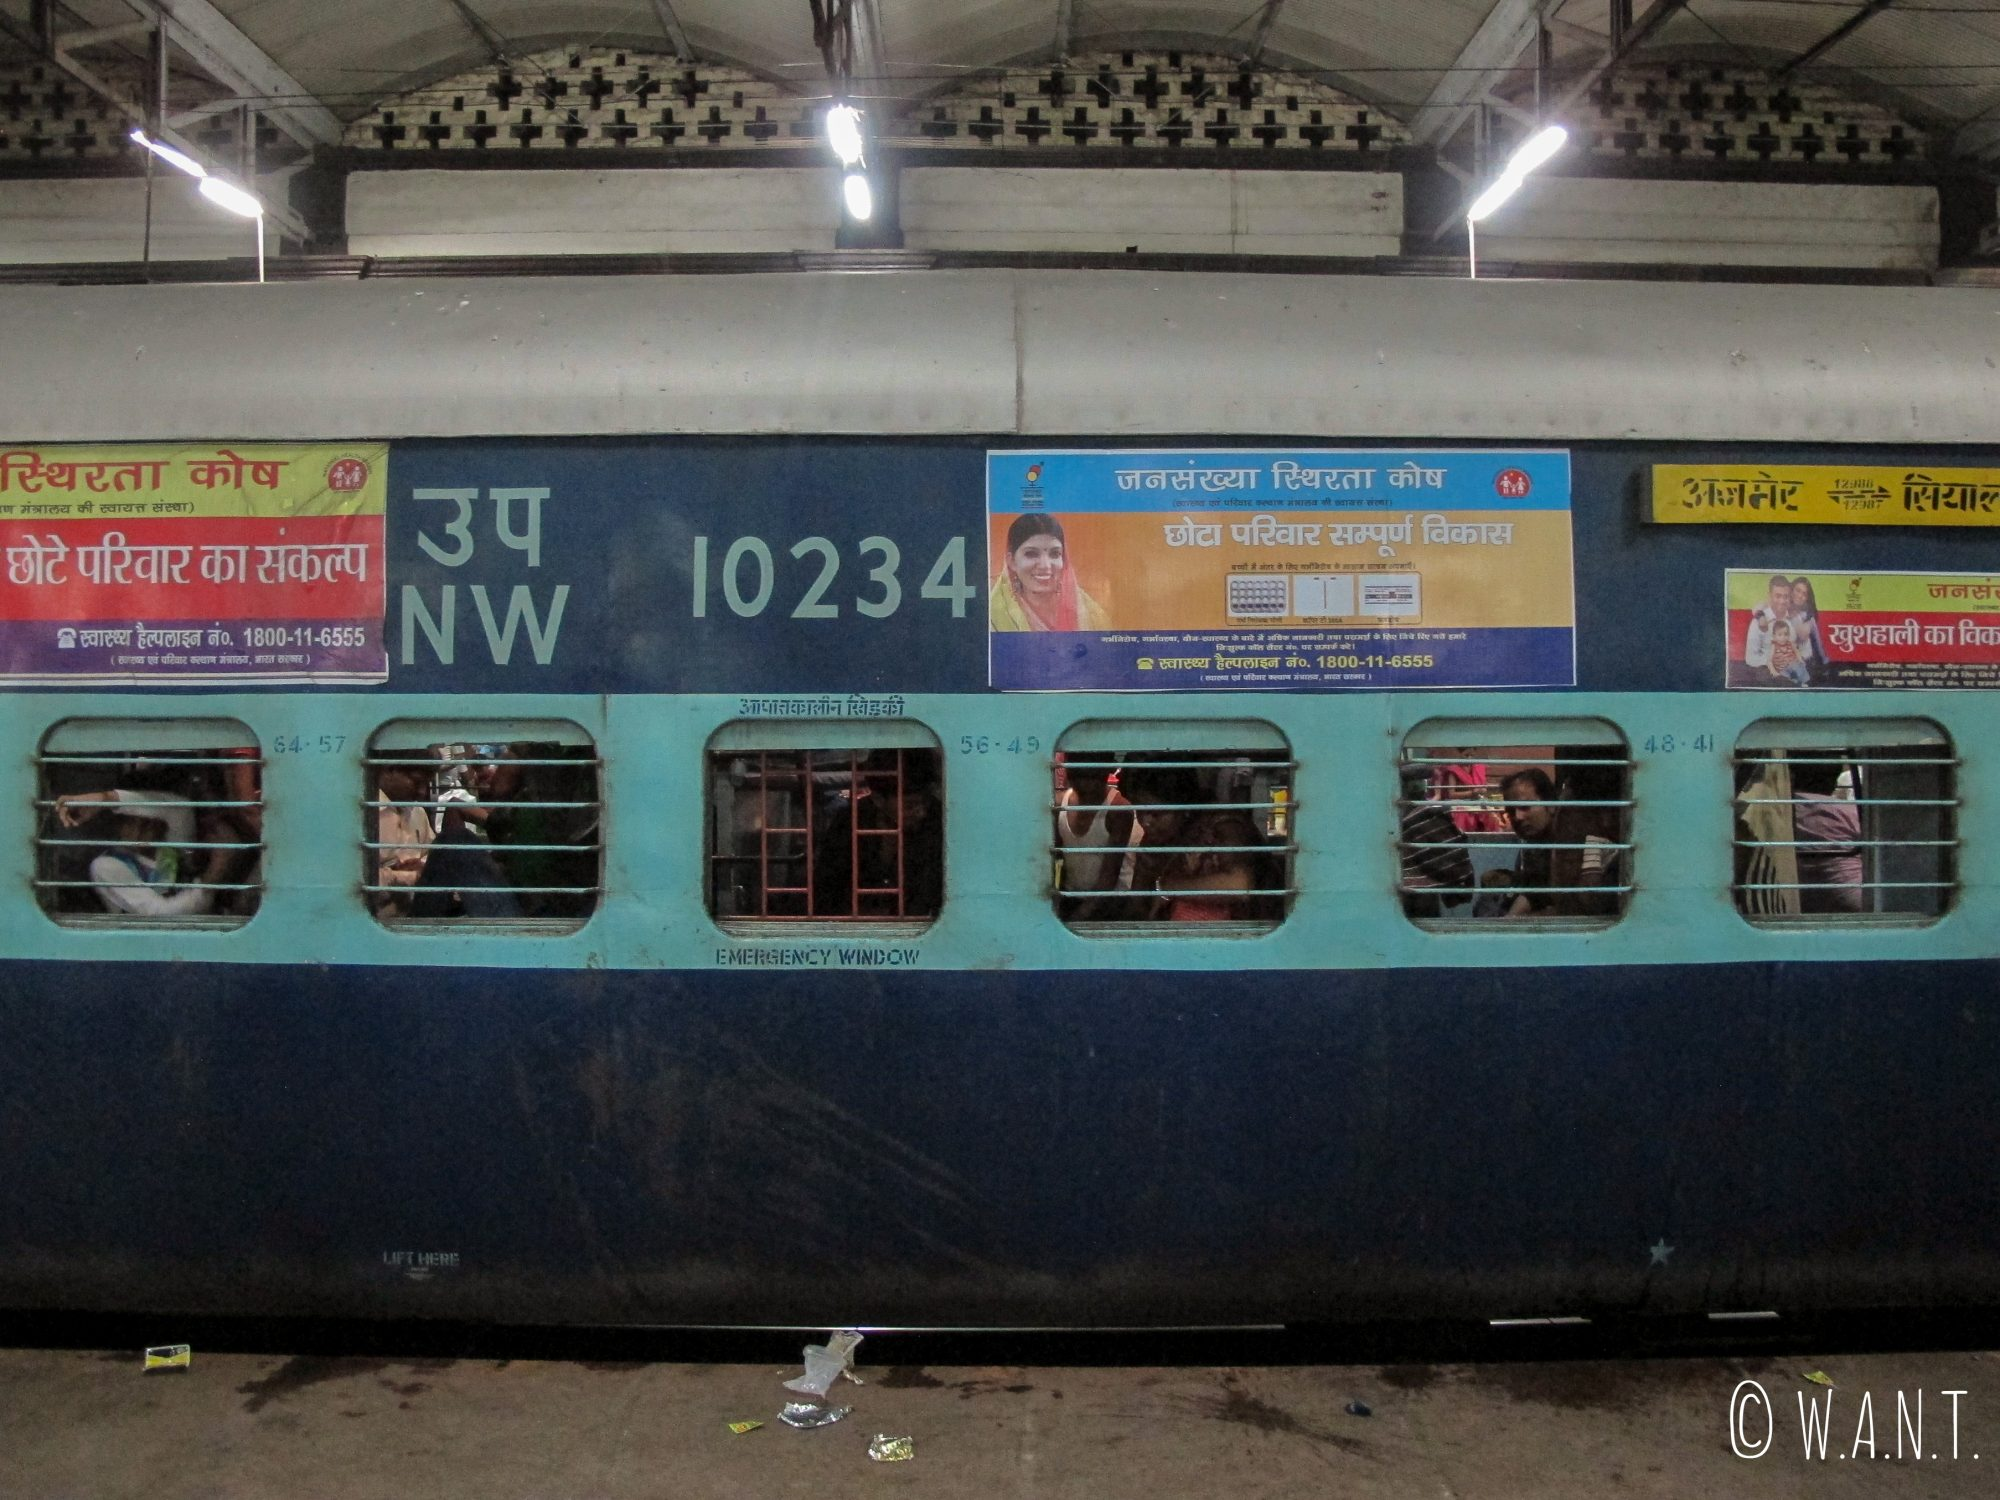 Train à quai en gare d'Agra Fort, mais ce n'est pas encore le nôtre